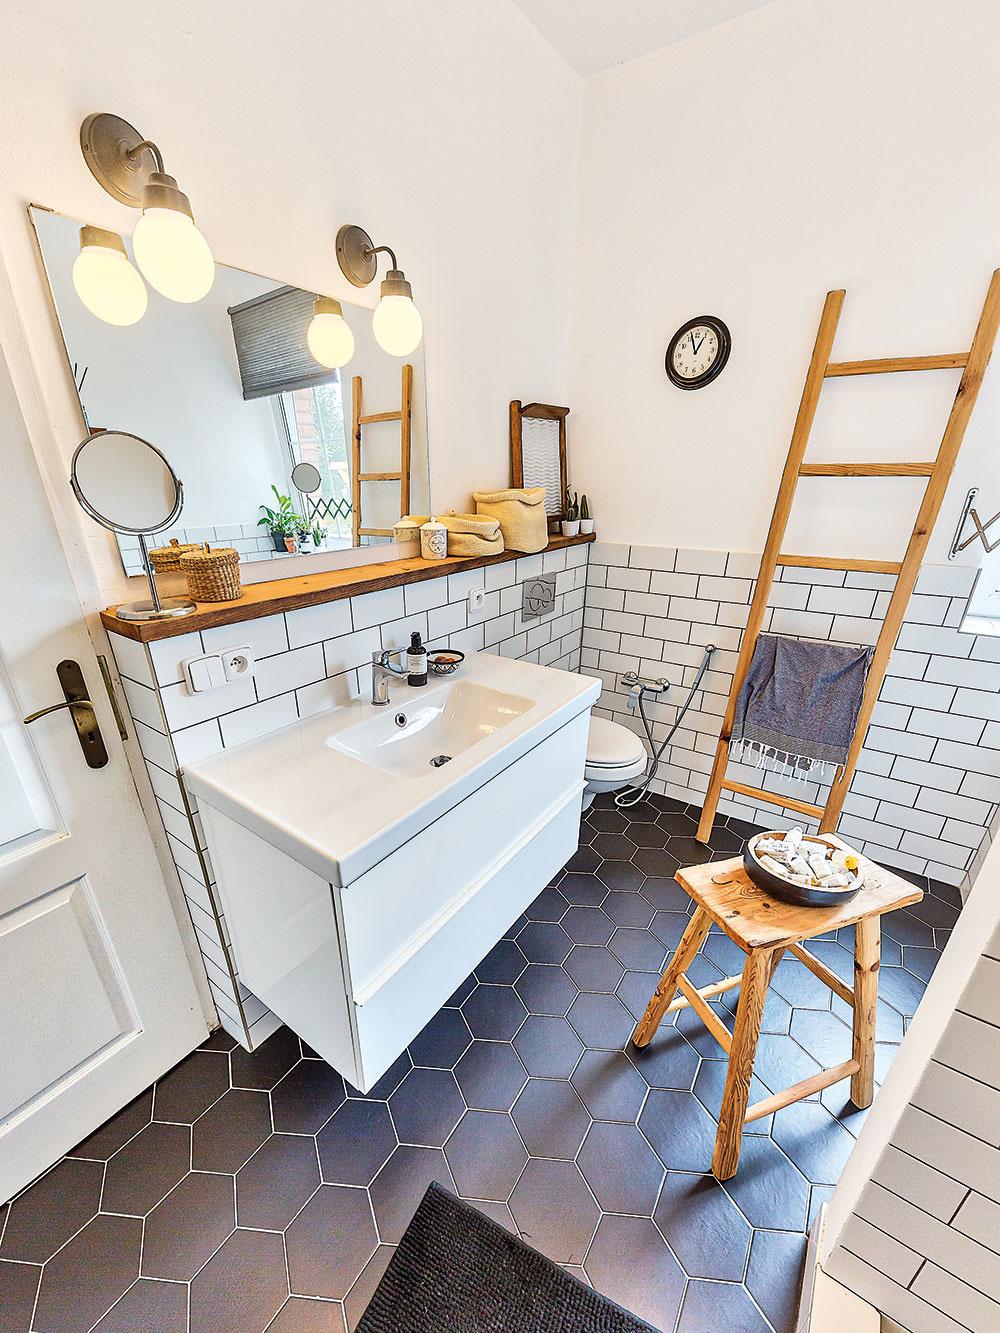 Vkúpeľni vládne jednoduchosť aprírodné materiály, ktoré sú typickým znakom celého domu. Keďže je takmer rovnako veľká ako symetricky umiestnená kuchyňa, pohodlne sa sem zmestila vaňa aj sprchovací kút.